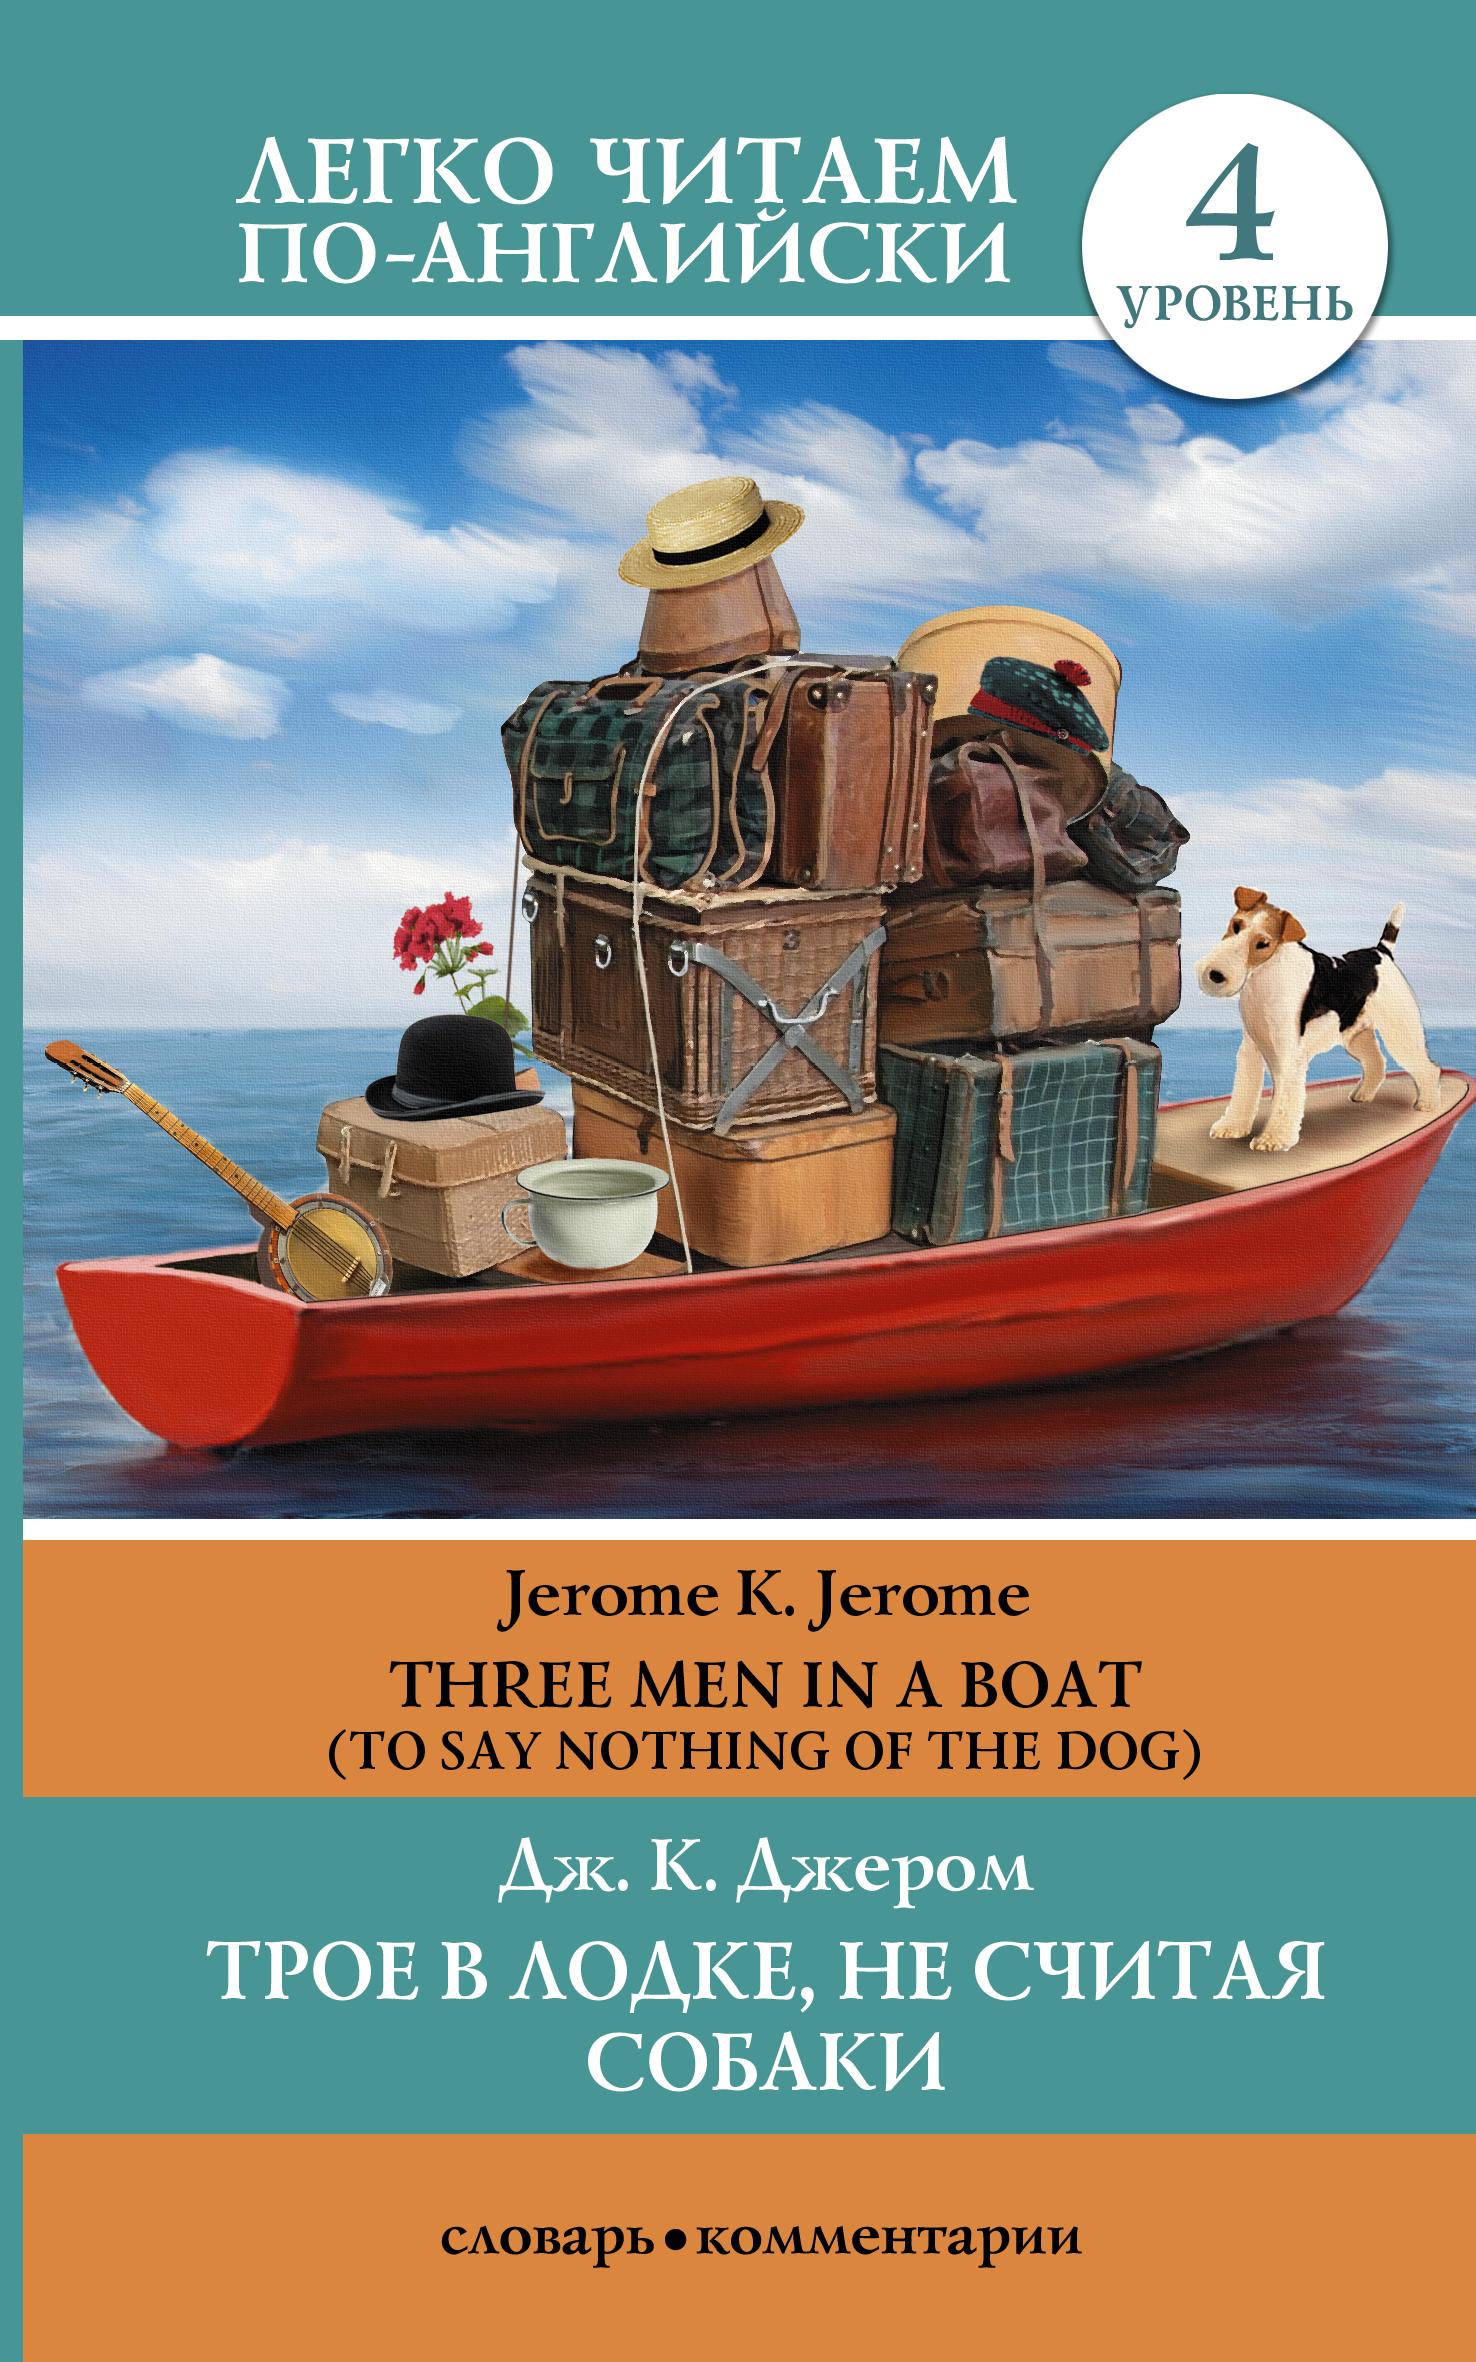 Джером К.Д. Трое в лодке, не считая собаки. Уровень4